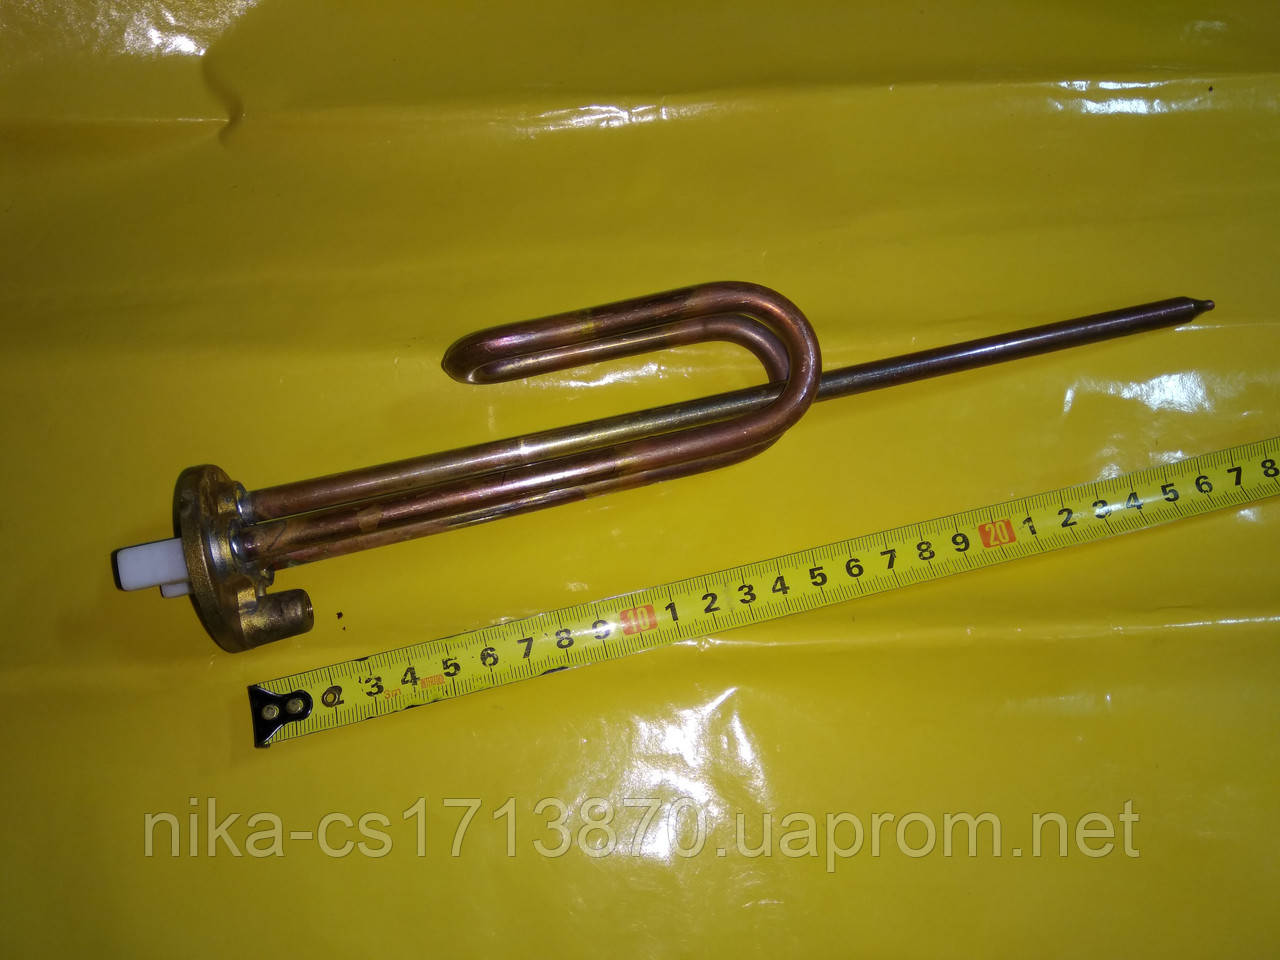 Тэн медный фланцевый для бойлеров 1.5 кВт. / 230 В. производитель Украина Электрон-Т